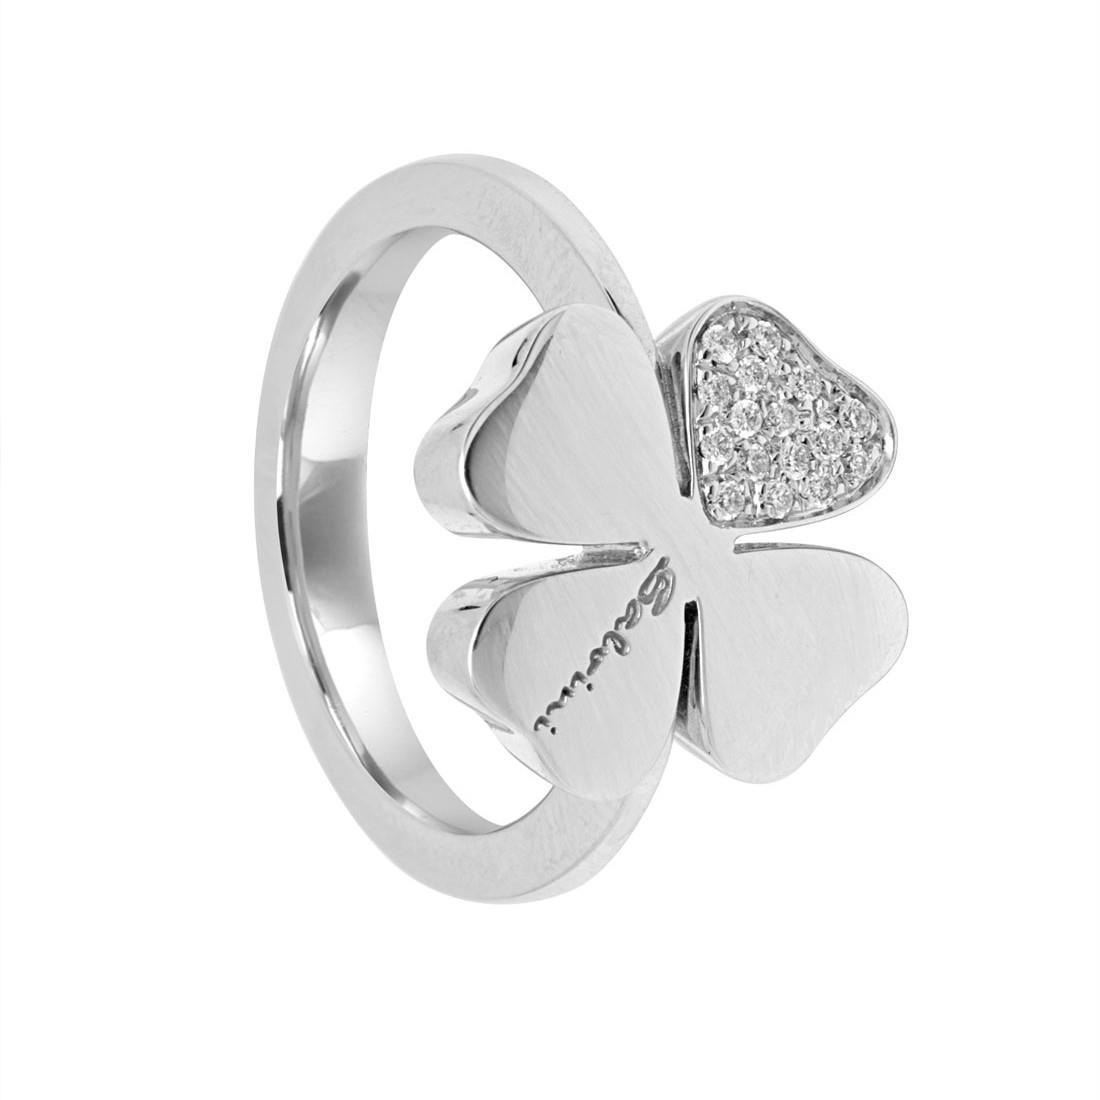 Anello in oro bianco con pavé di diamanti mis 14 - SALVINI